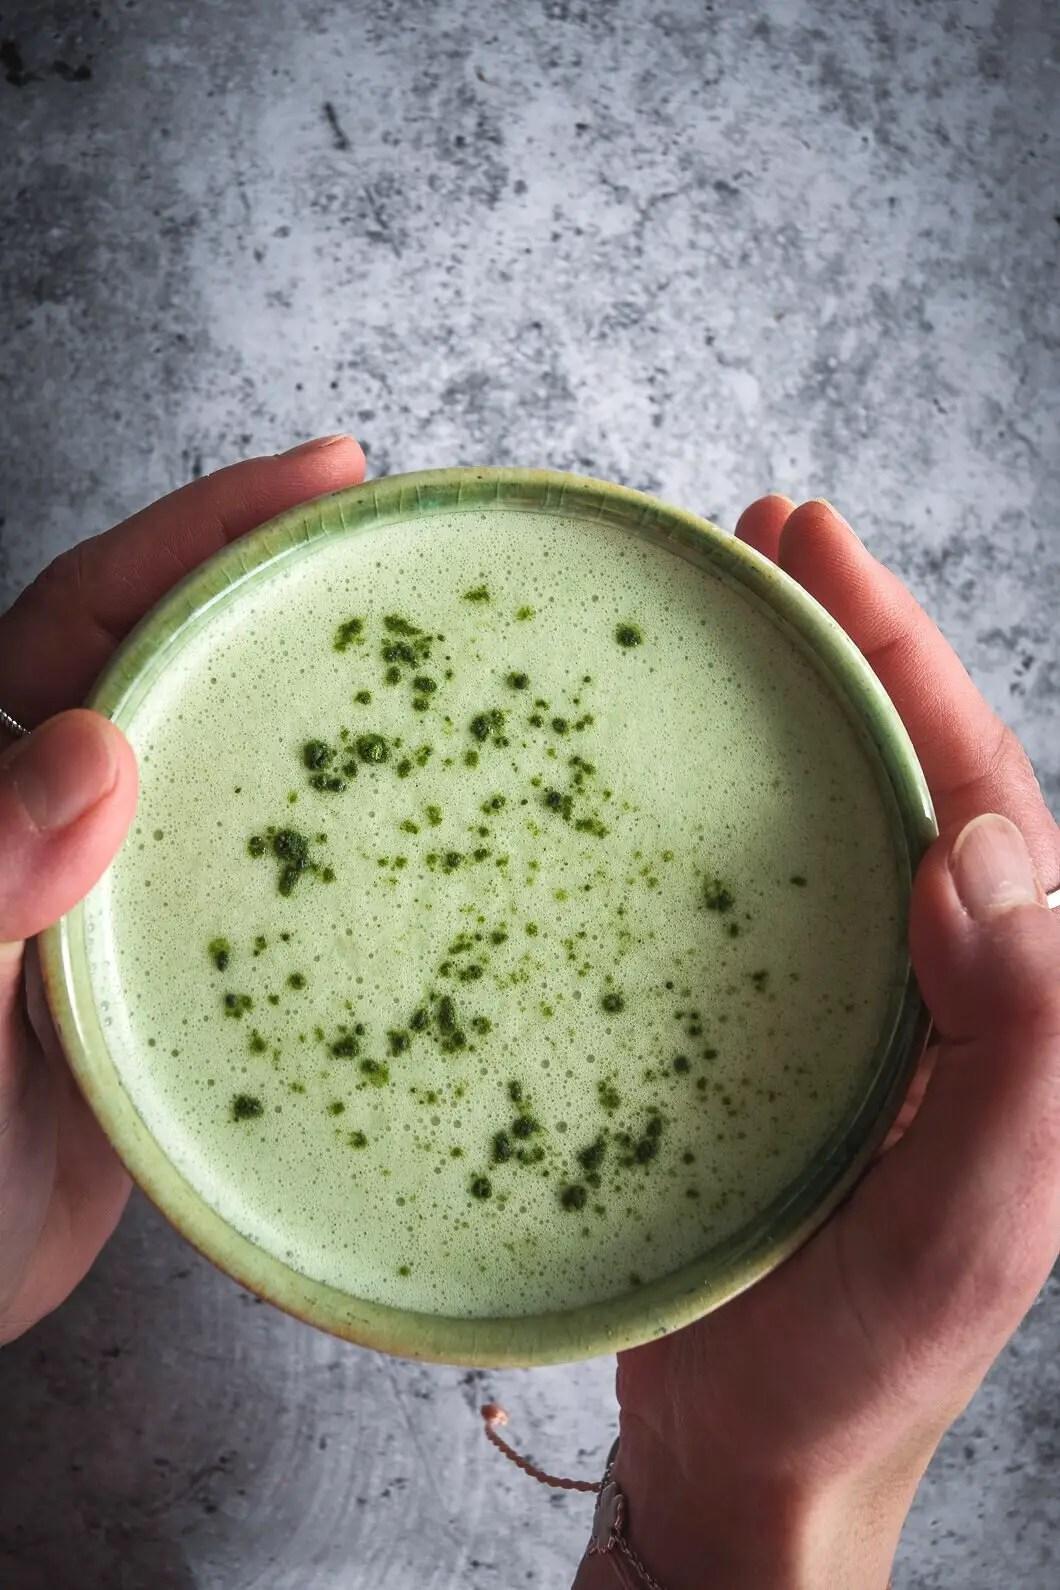 Matcha and moringa latte in mug held between hands